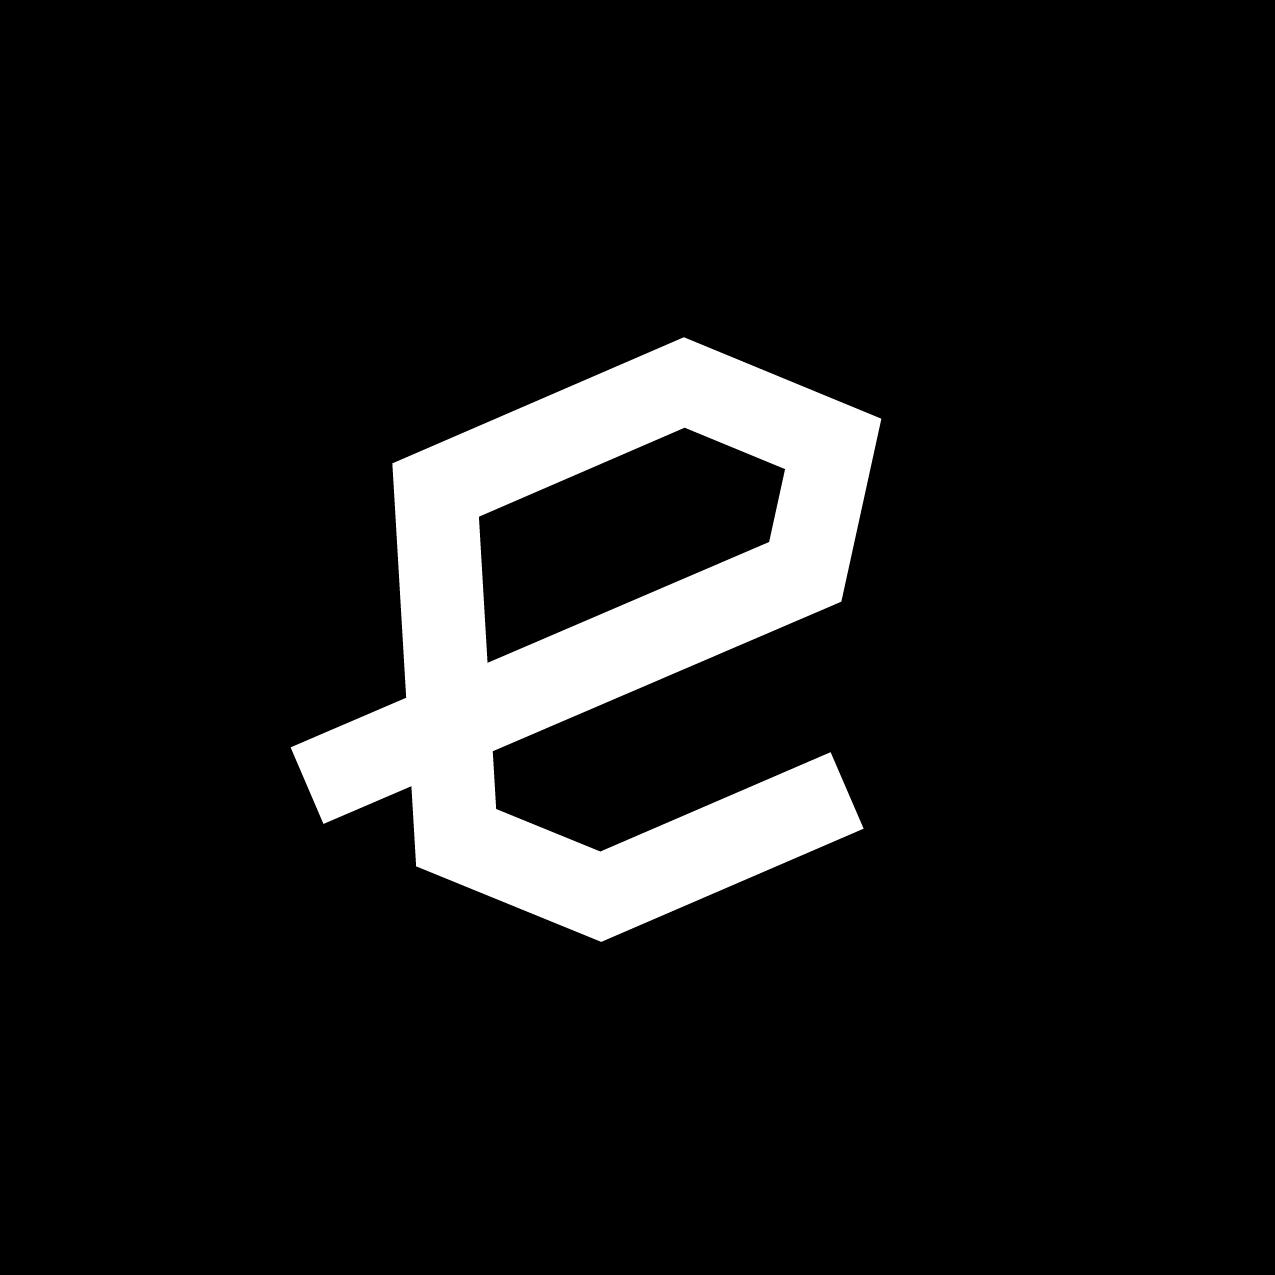 Letter E4 design by Furia